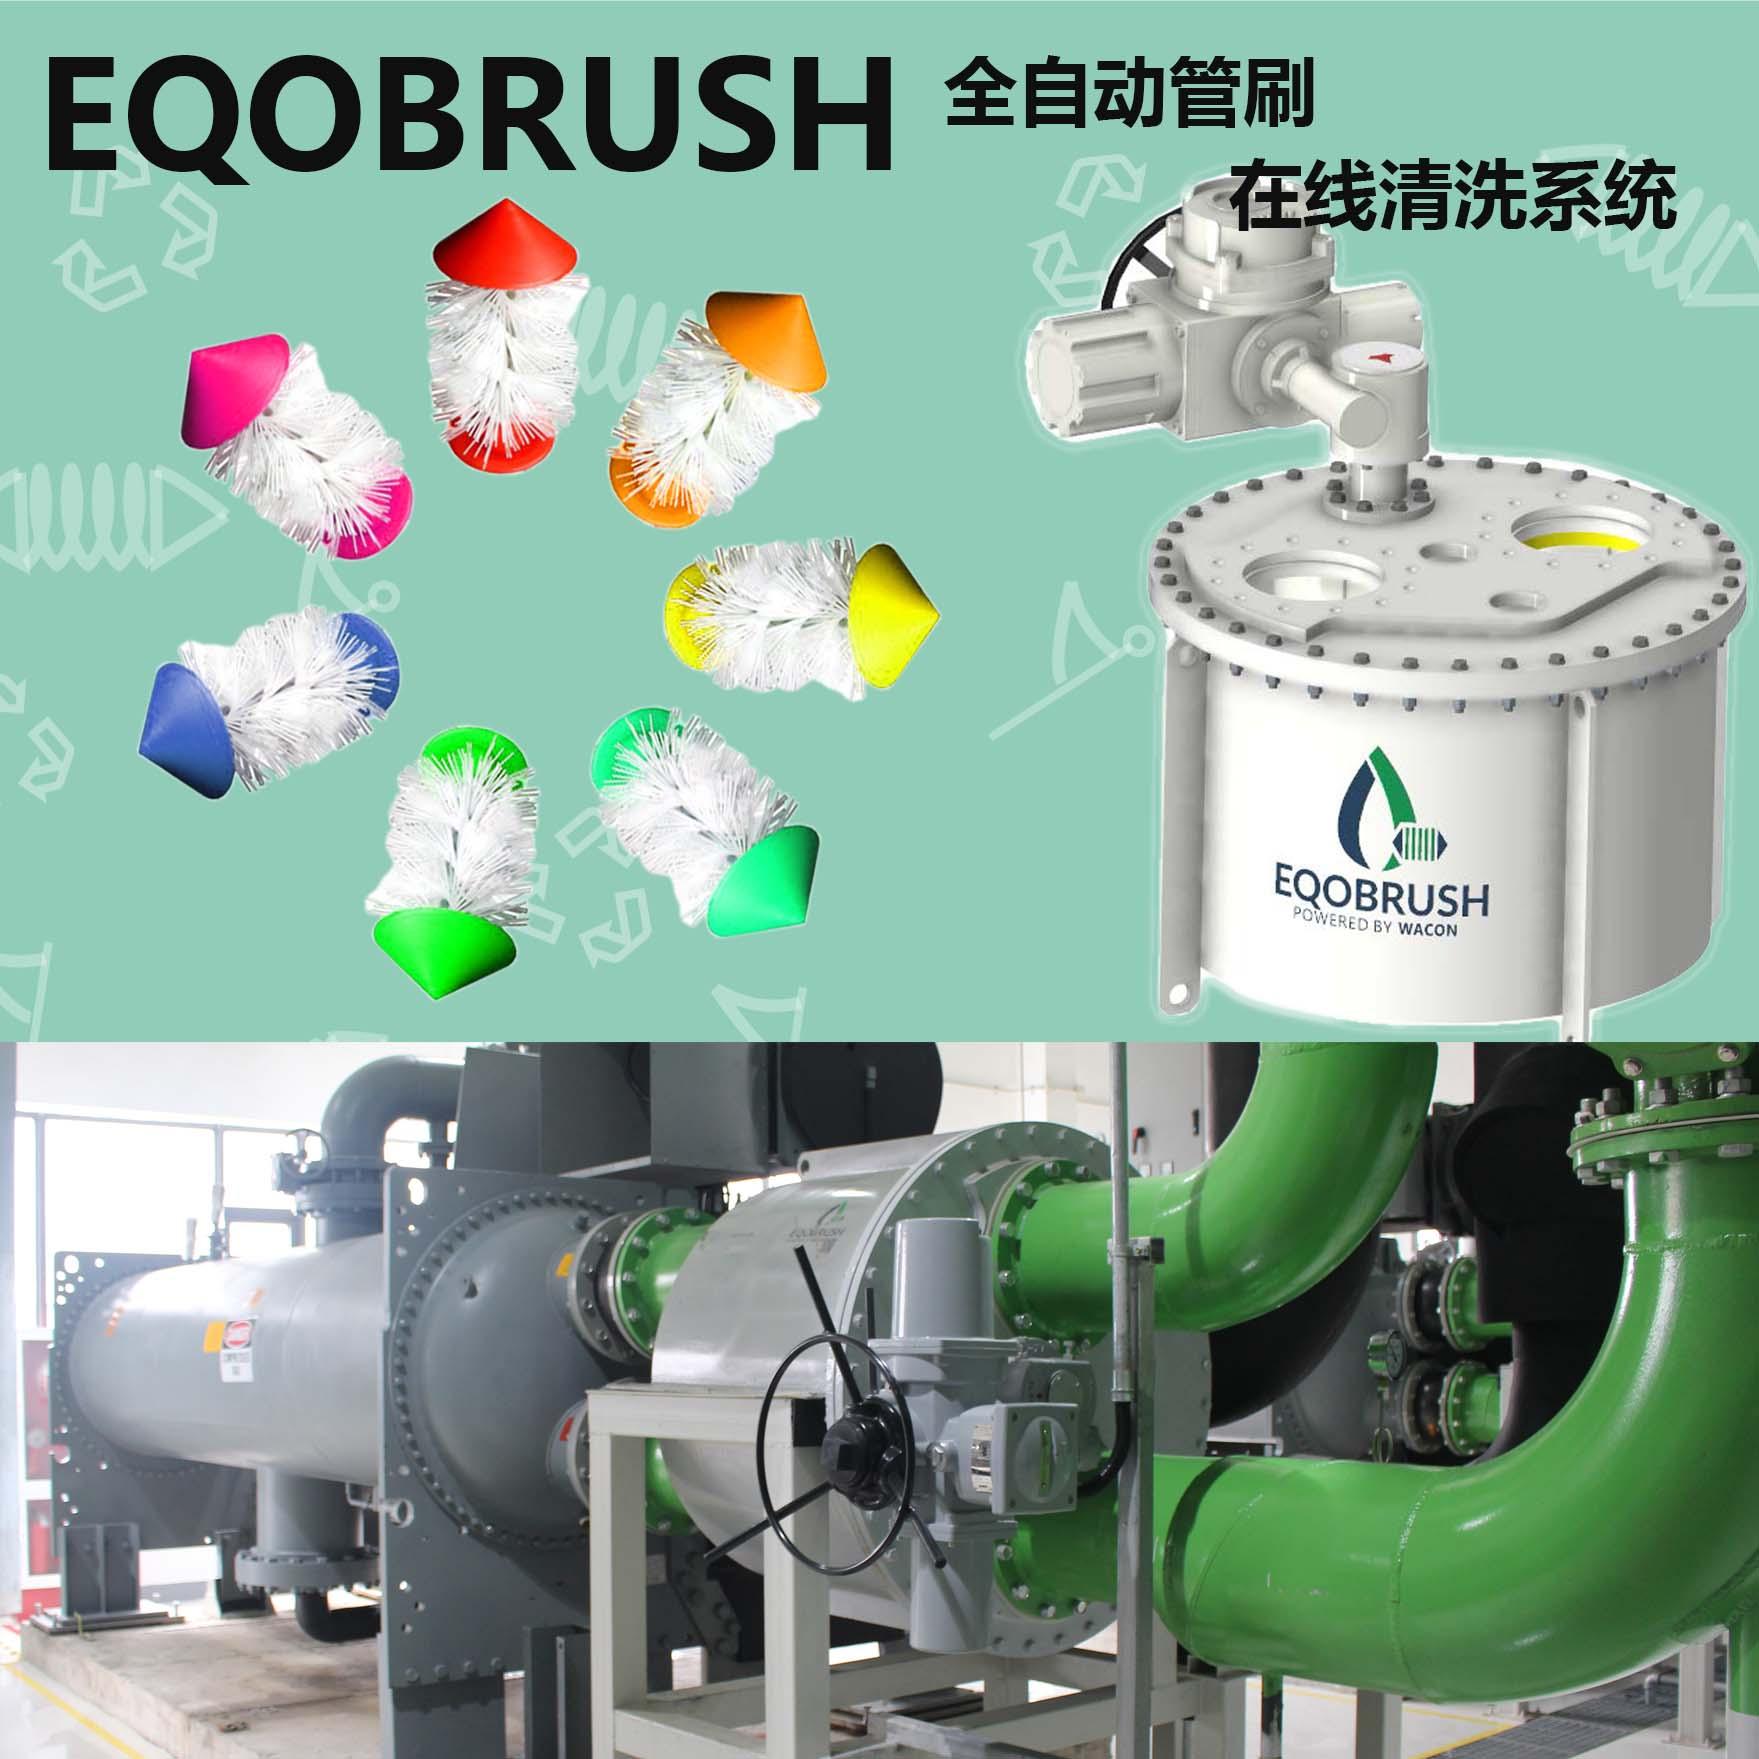 换热器自动清洗EQOBRUSH全自动清洗装置